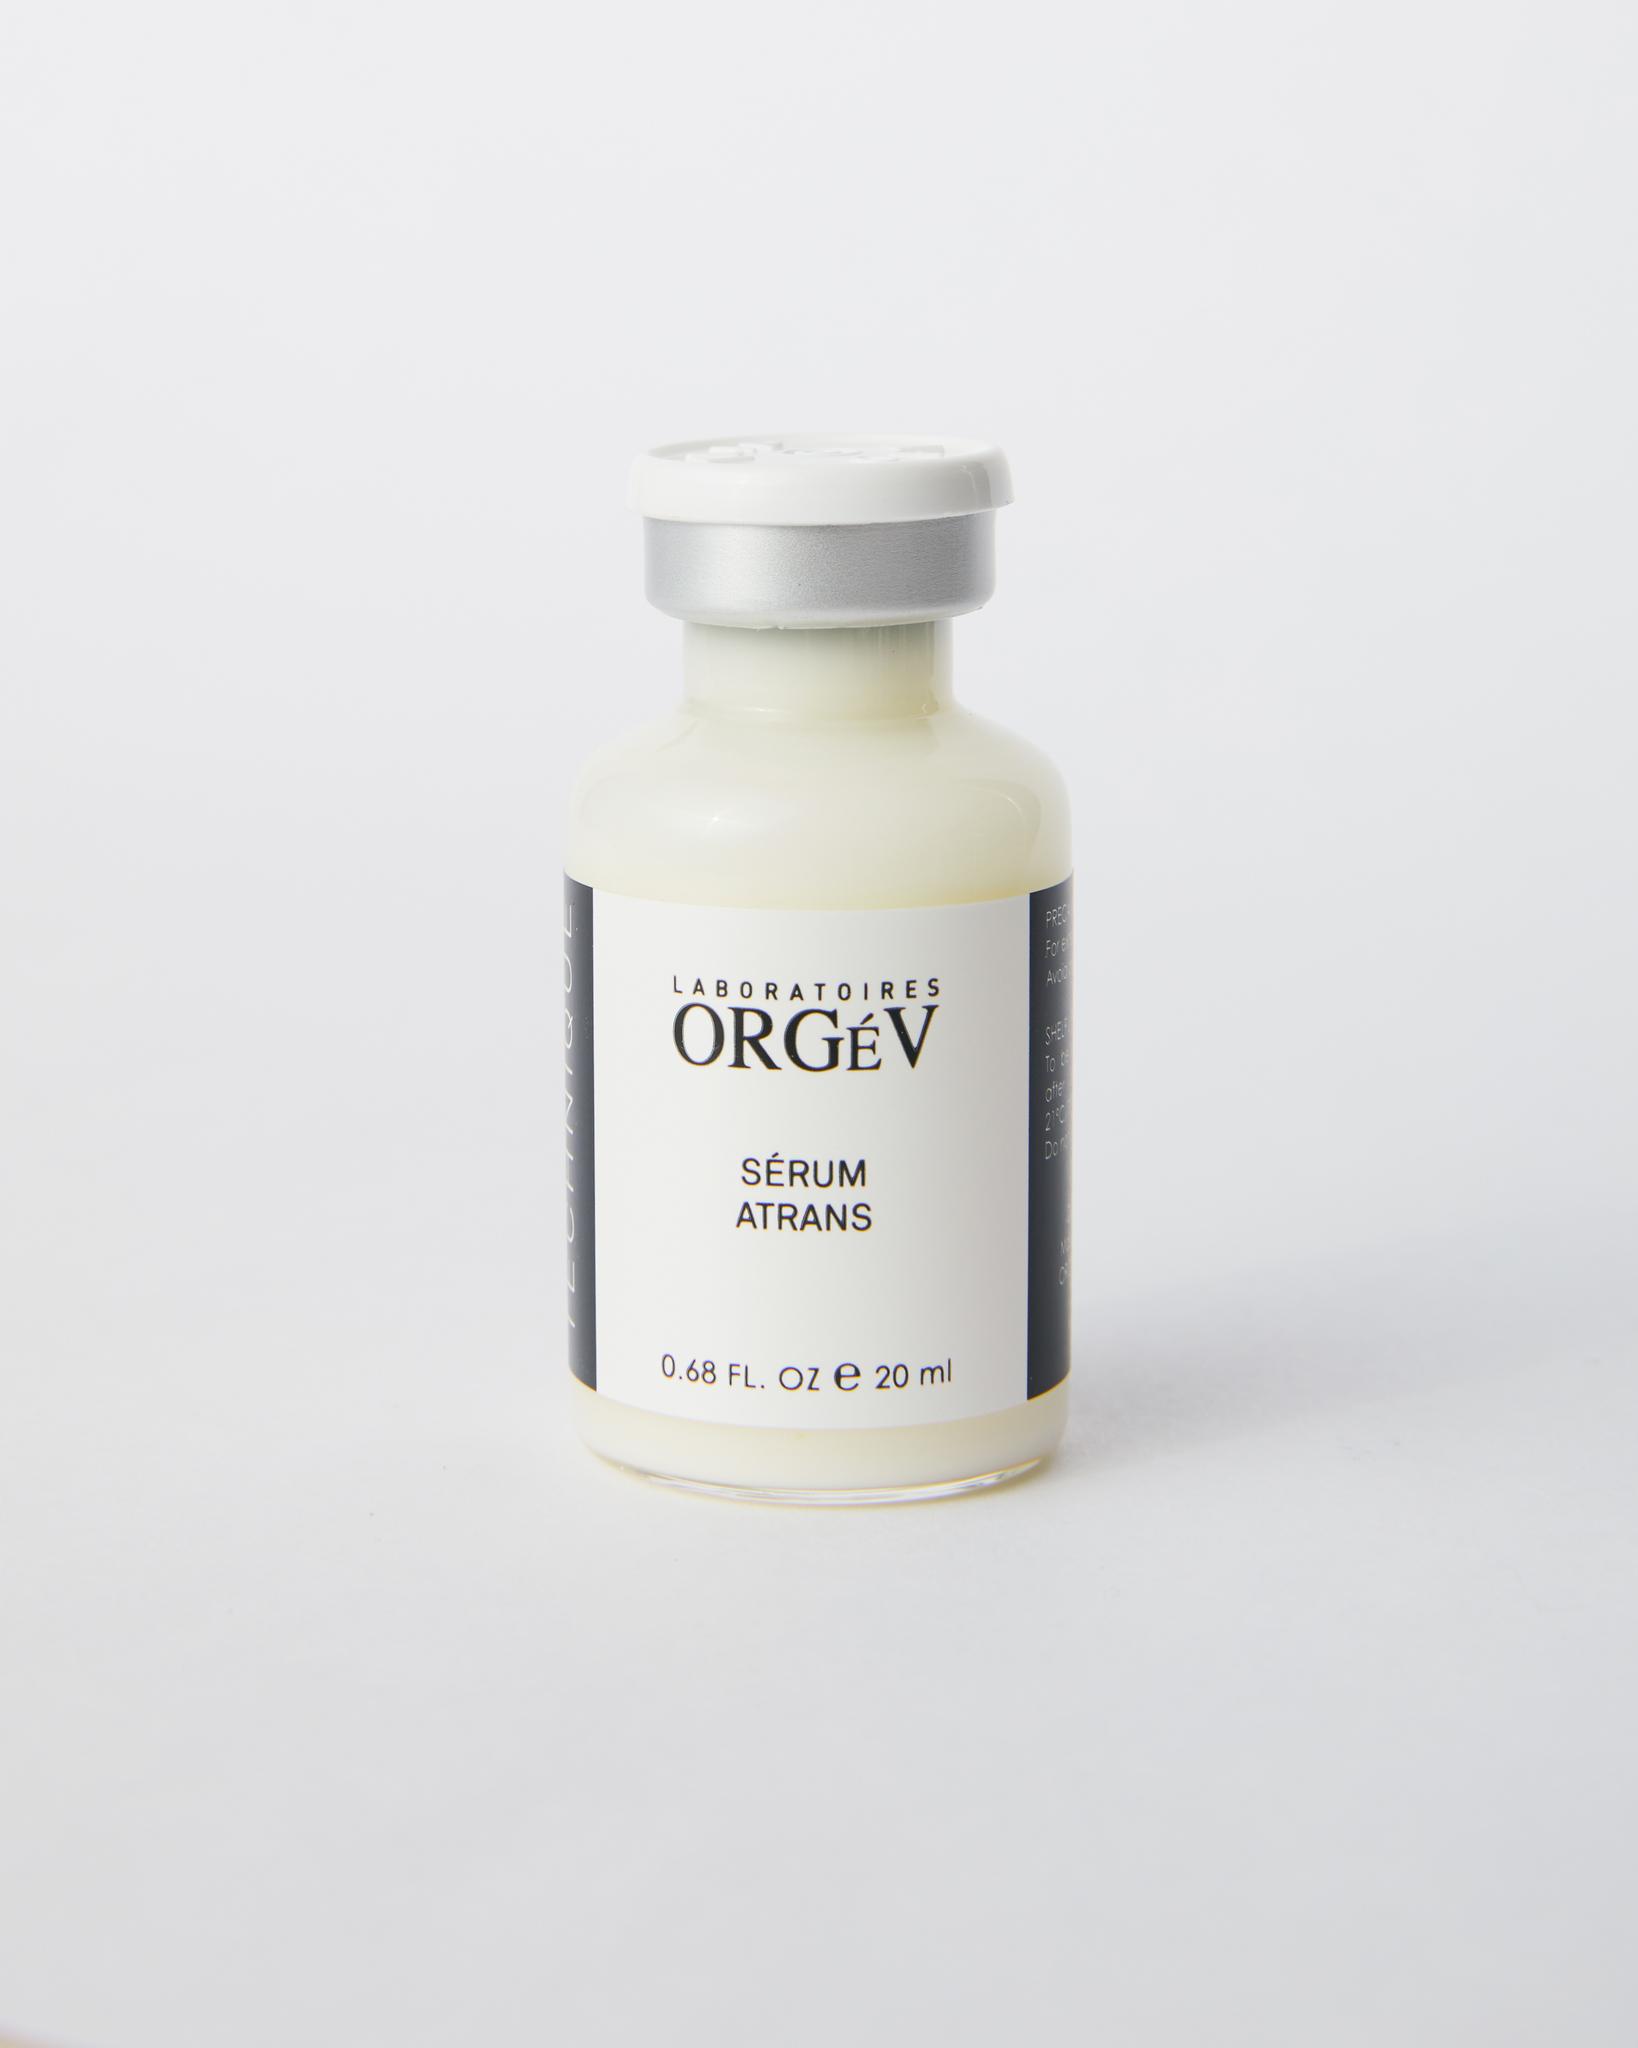 Сыворотка для увеличения проницаемости кожи ORGéV SERUM 20 мл